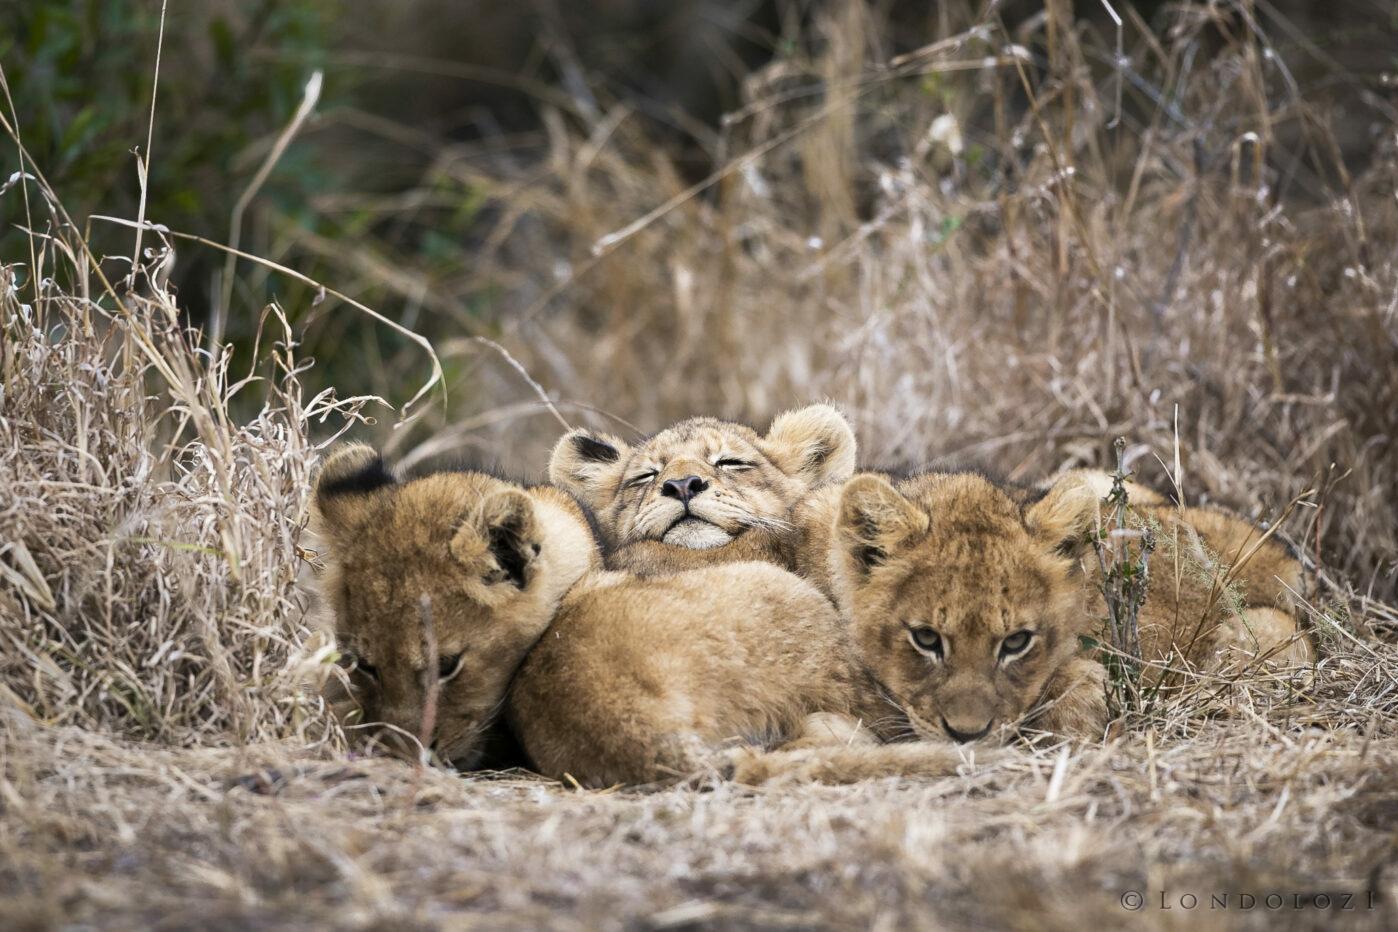 Sdz Ntsevu Cubs Rest Aug 2021